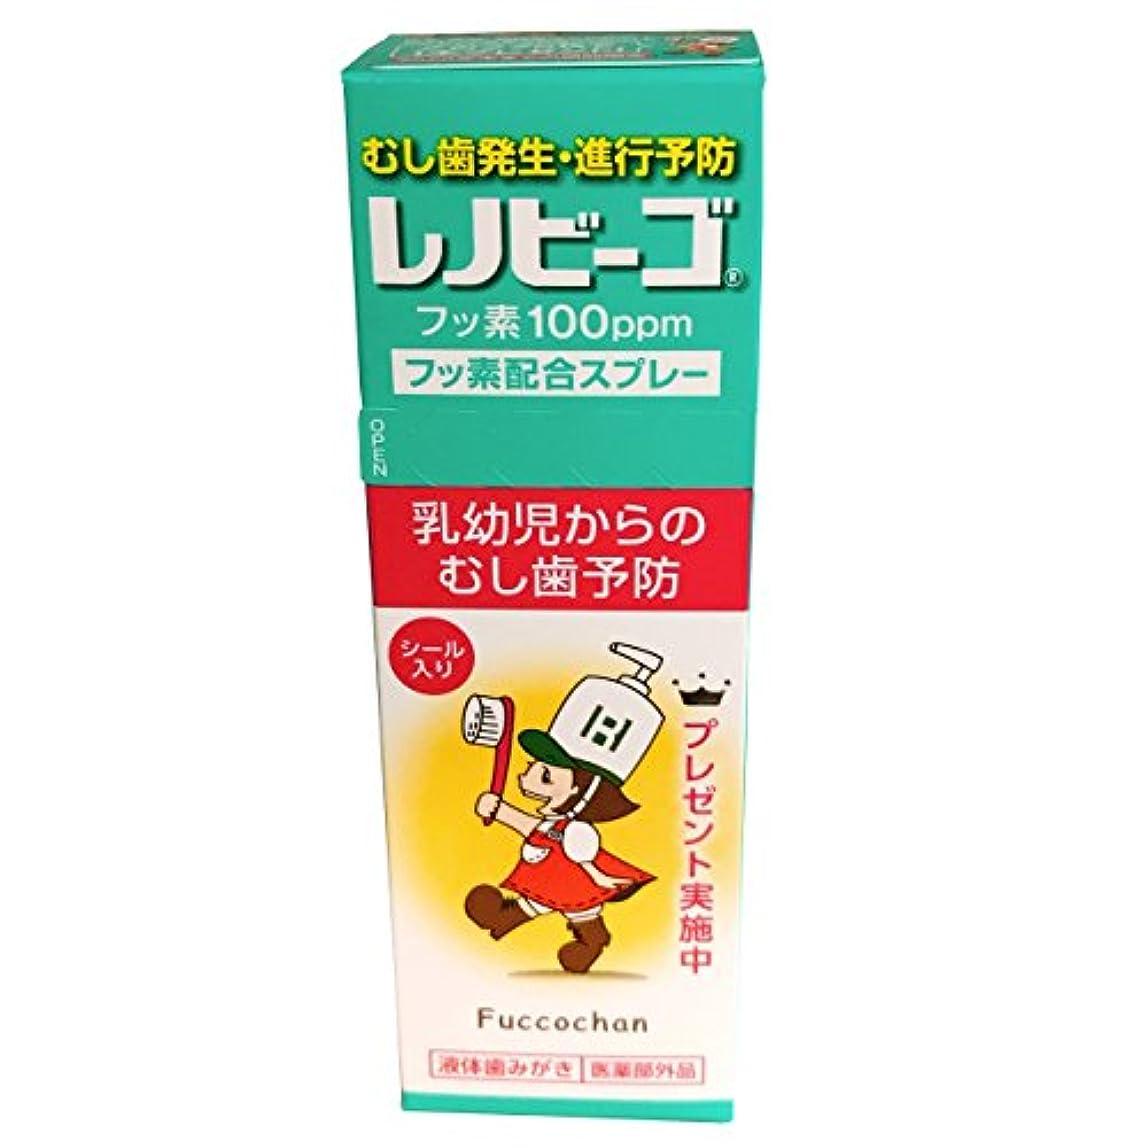 化学値安らぎレノビーゴ 38ml